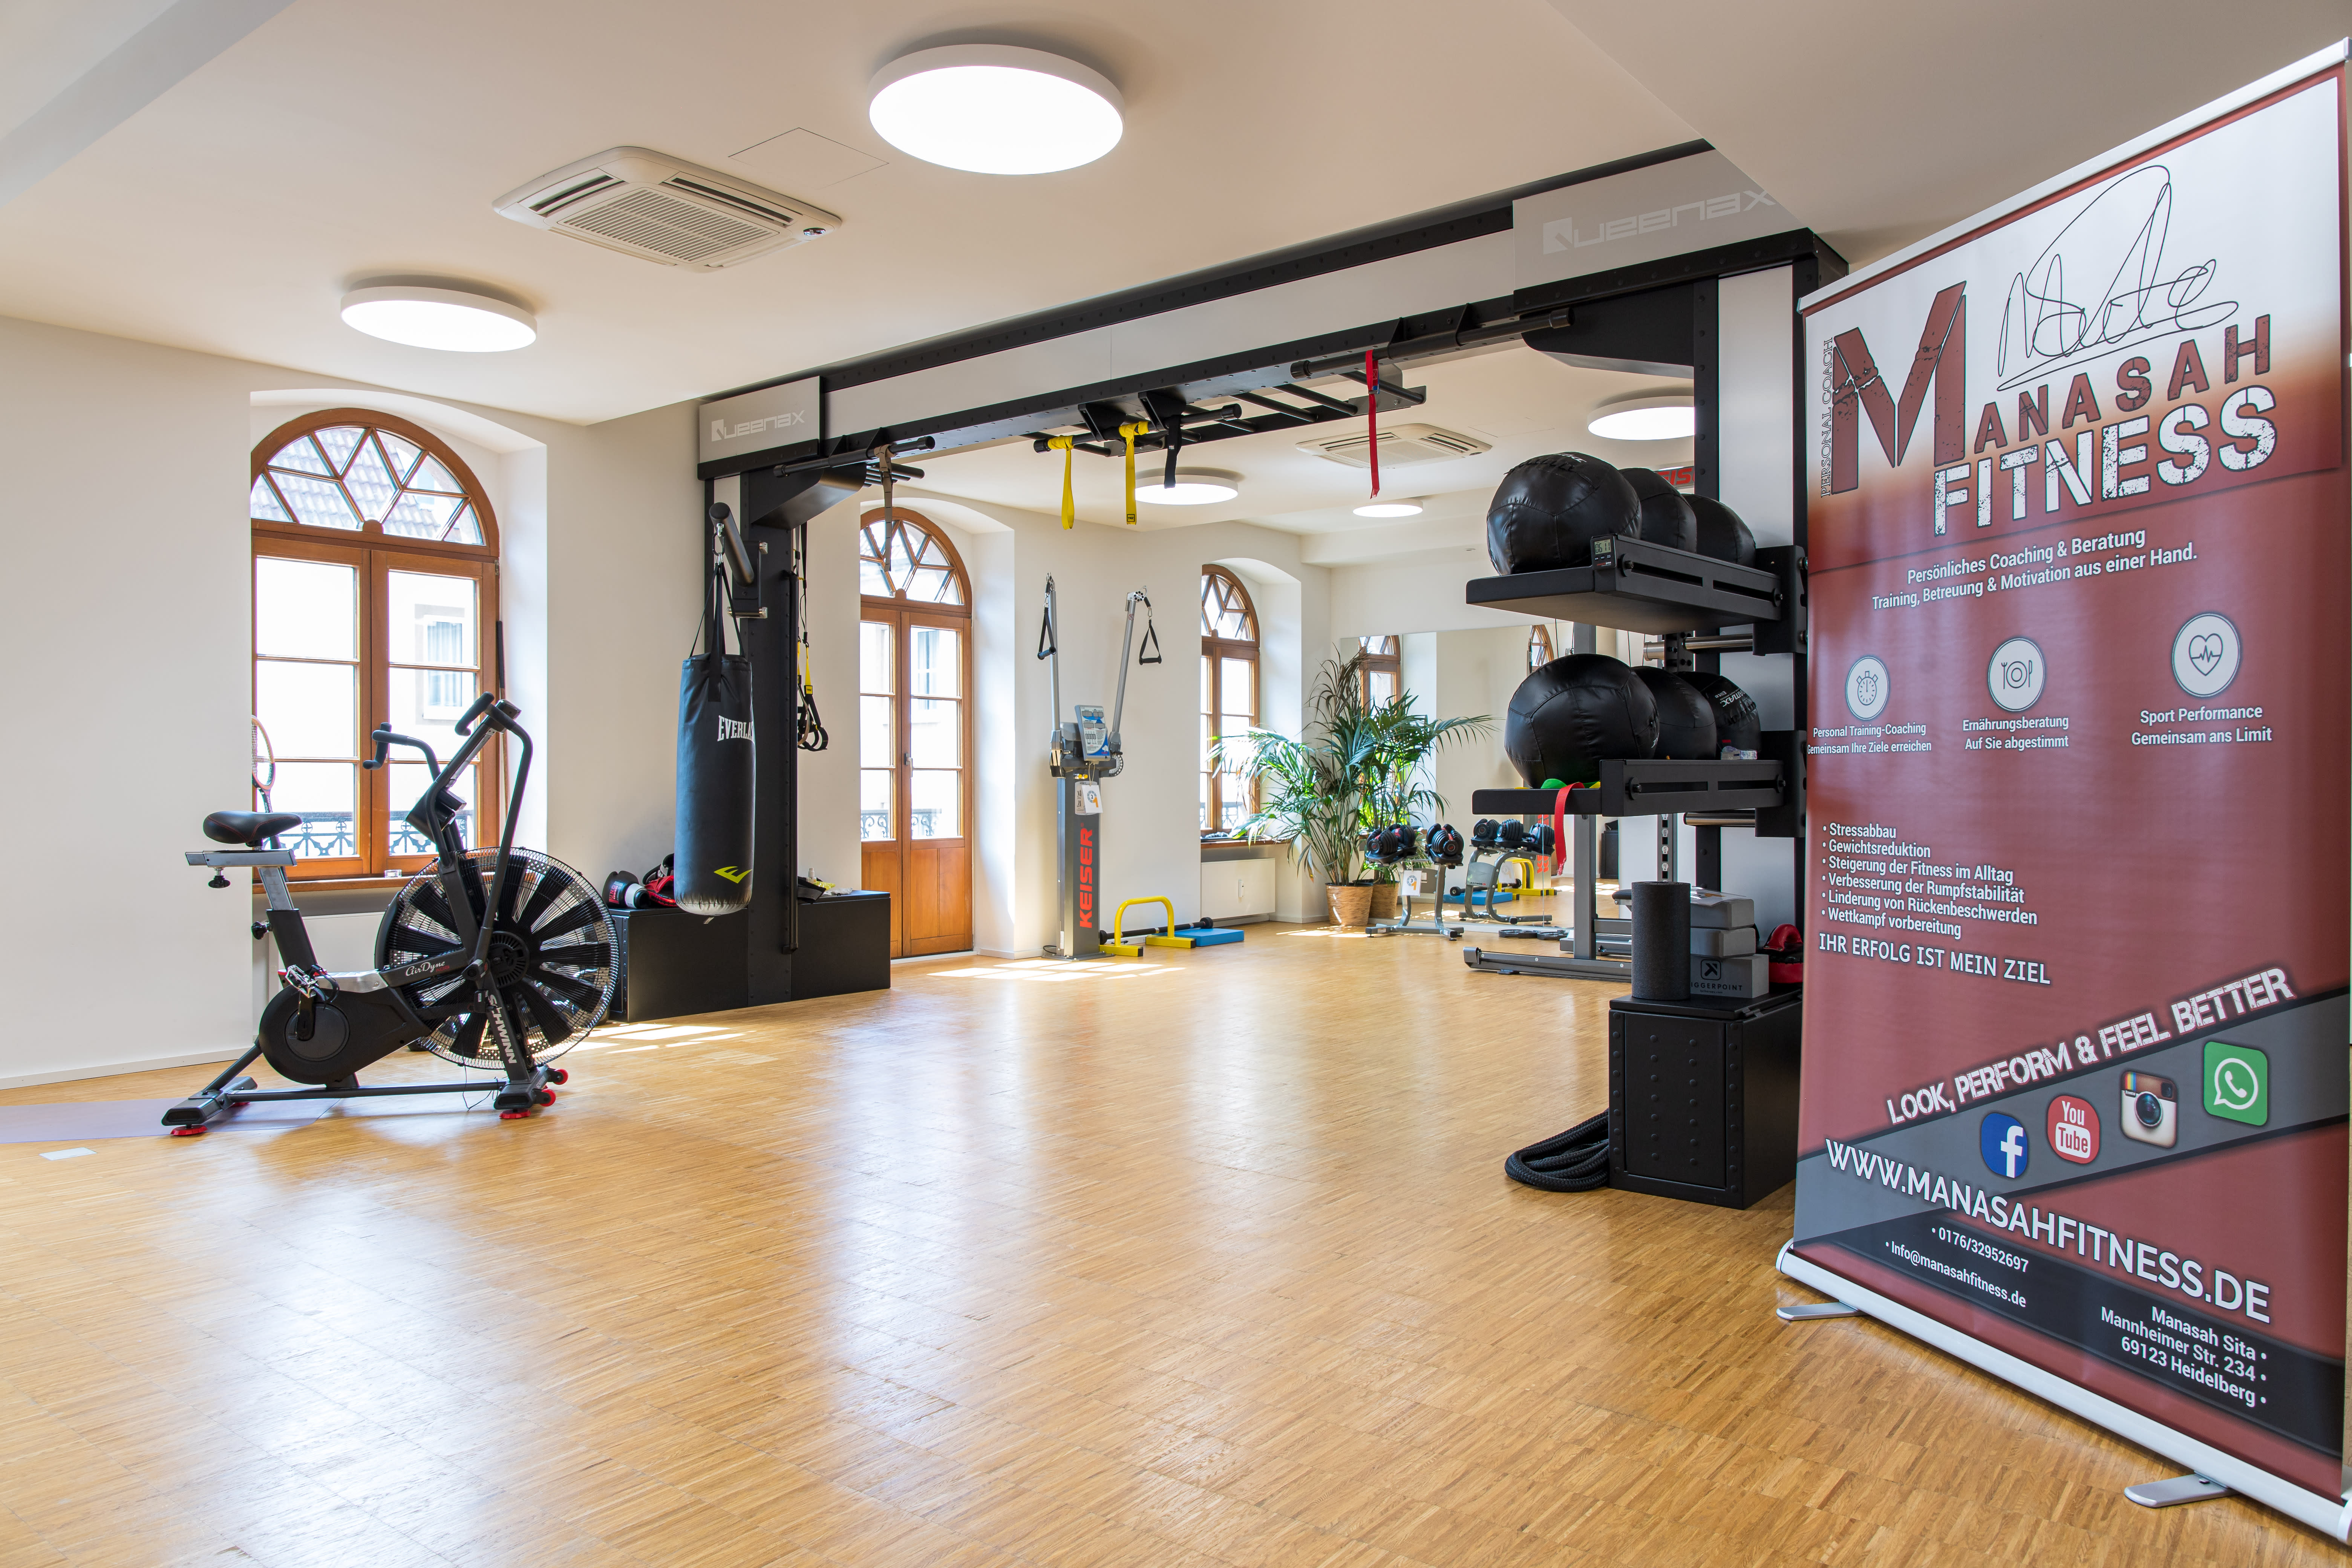 Trainingsstudio mit Fitnessgeräten